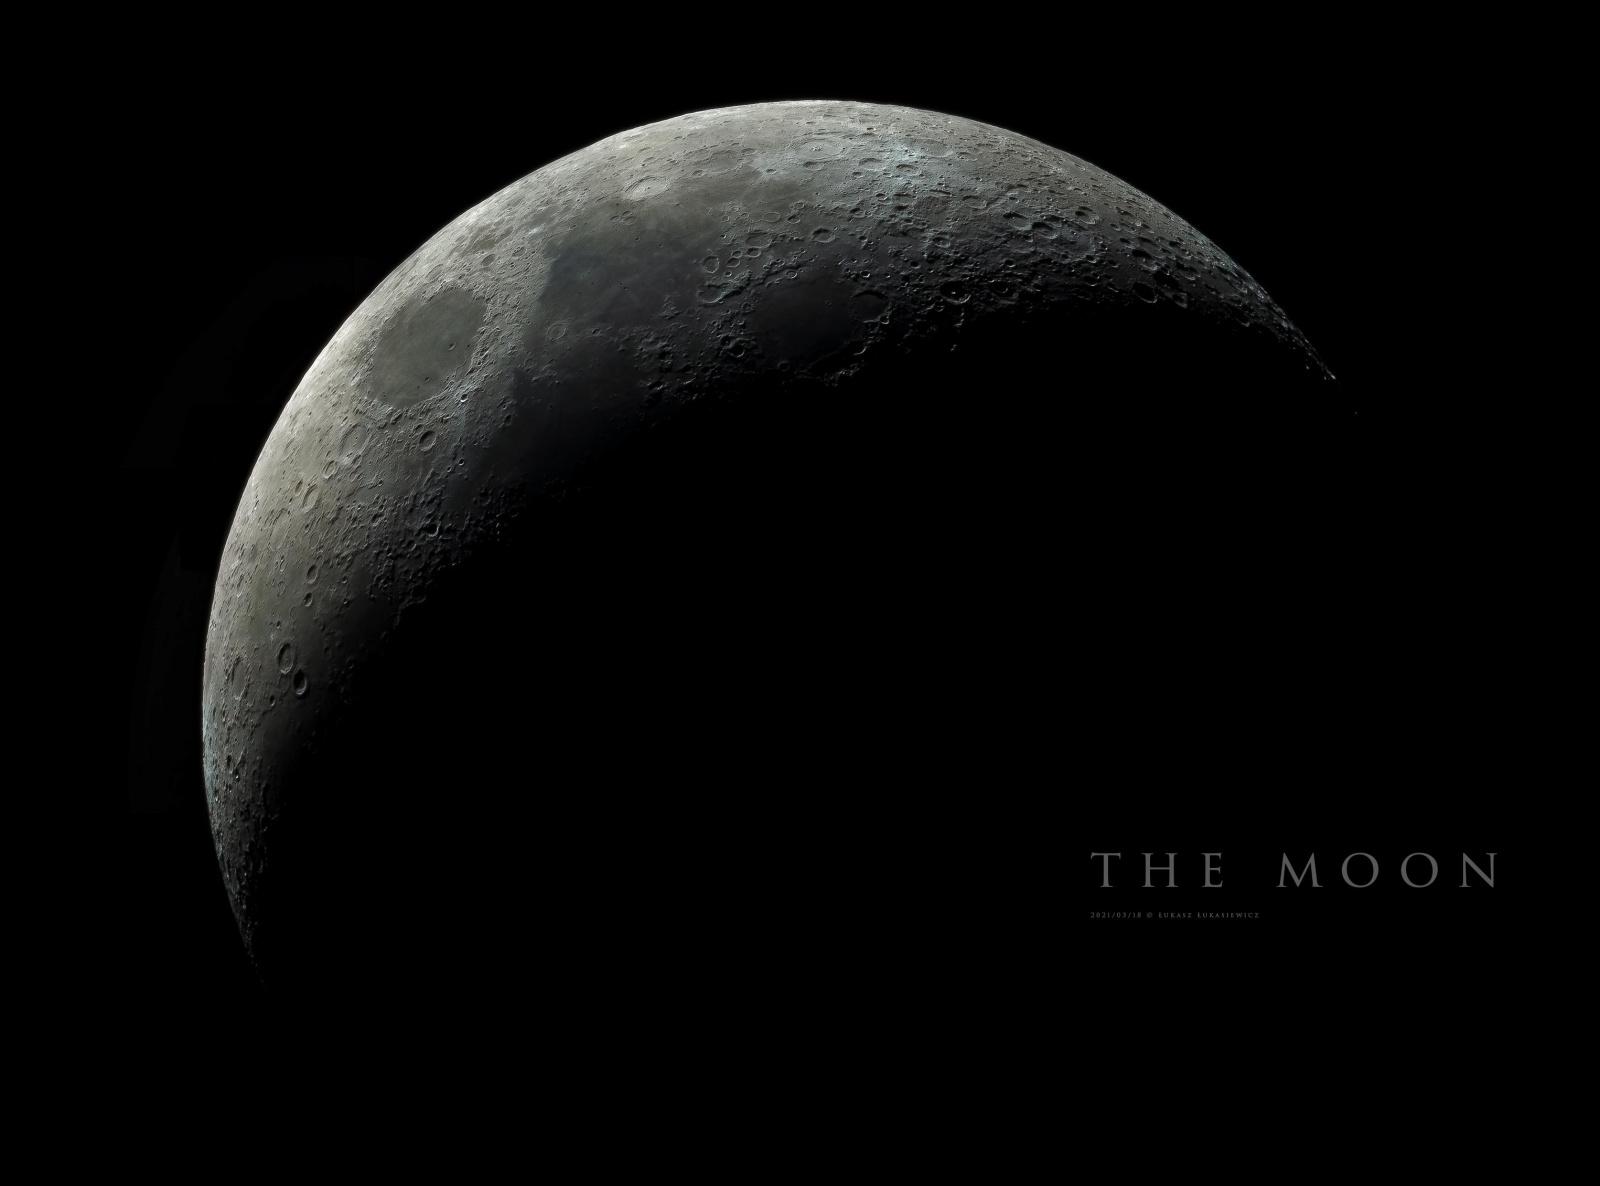 THE-MOON-2021-03-18.jpg